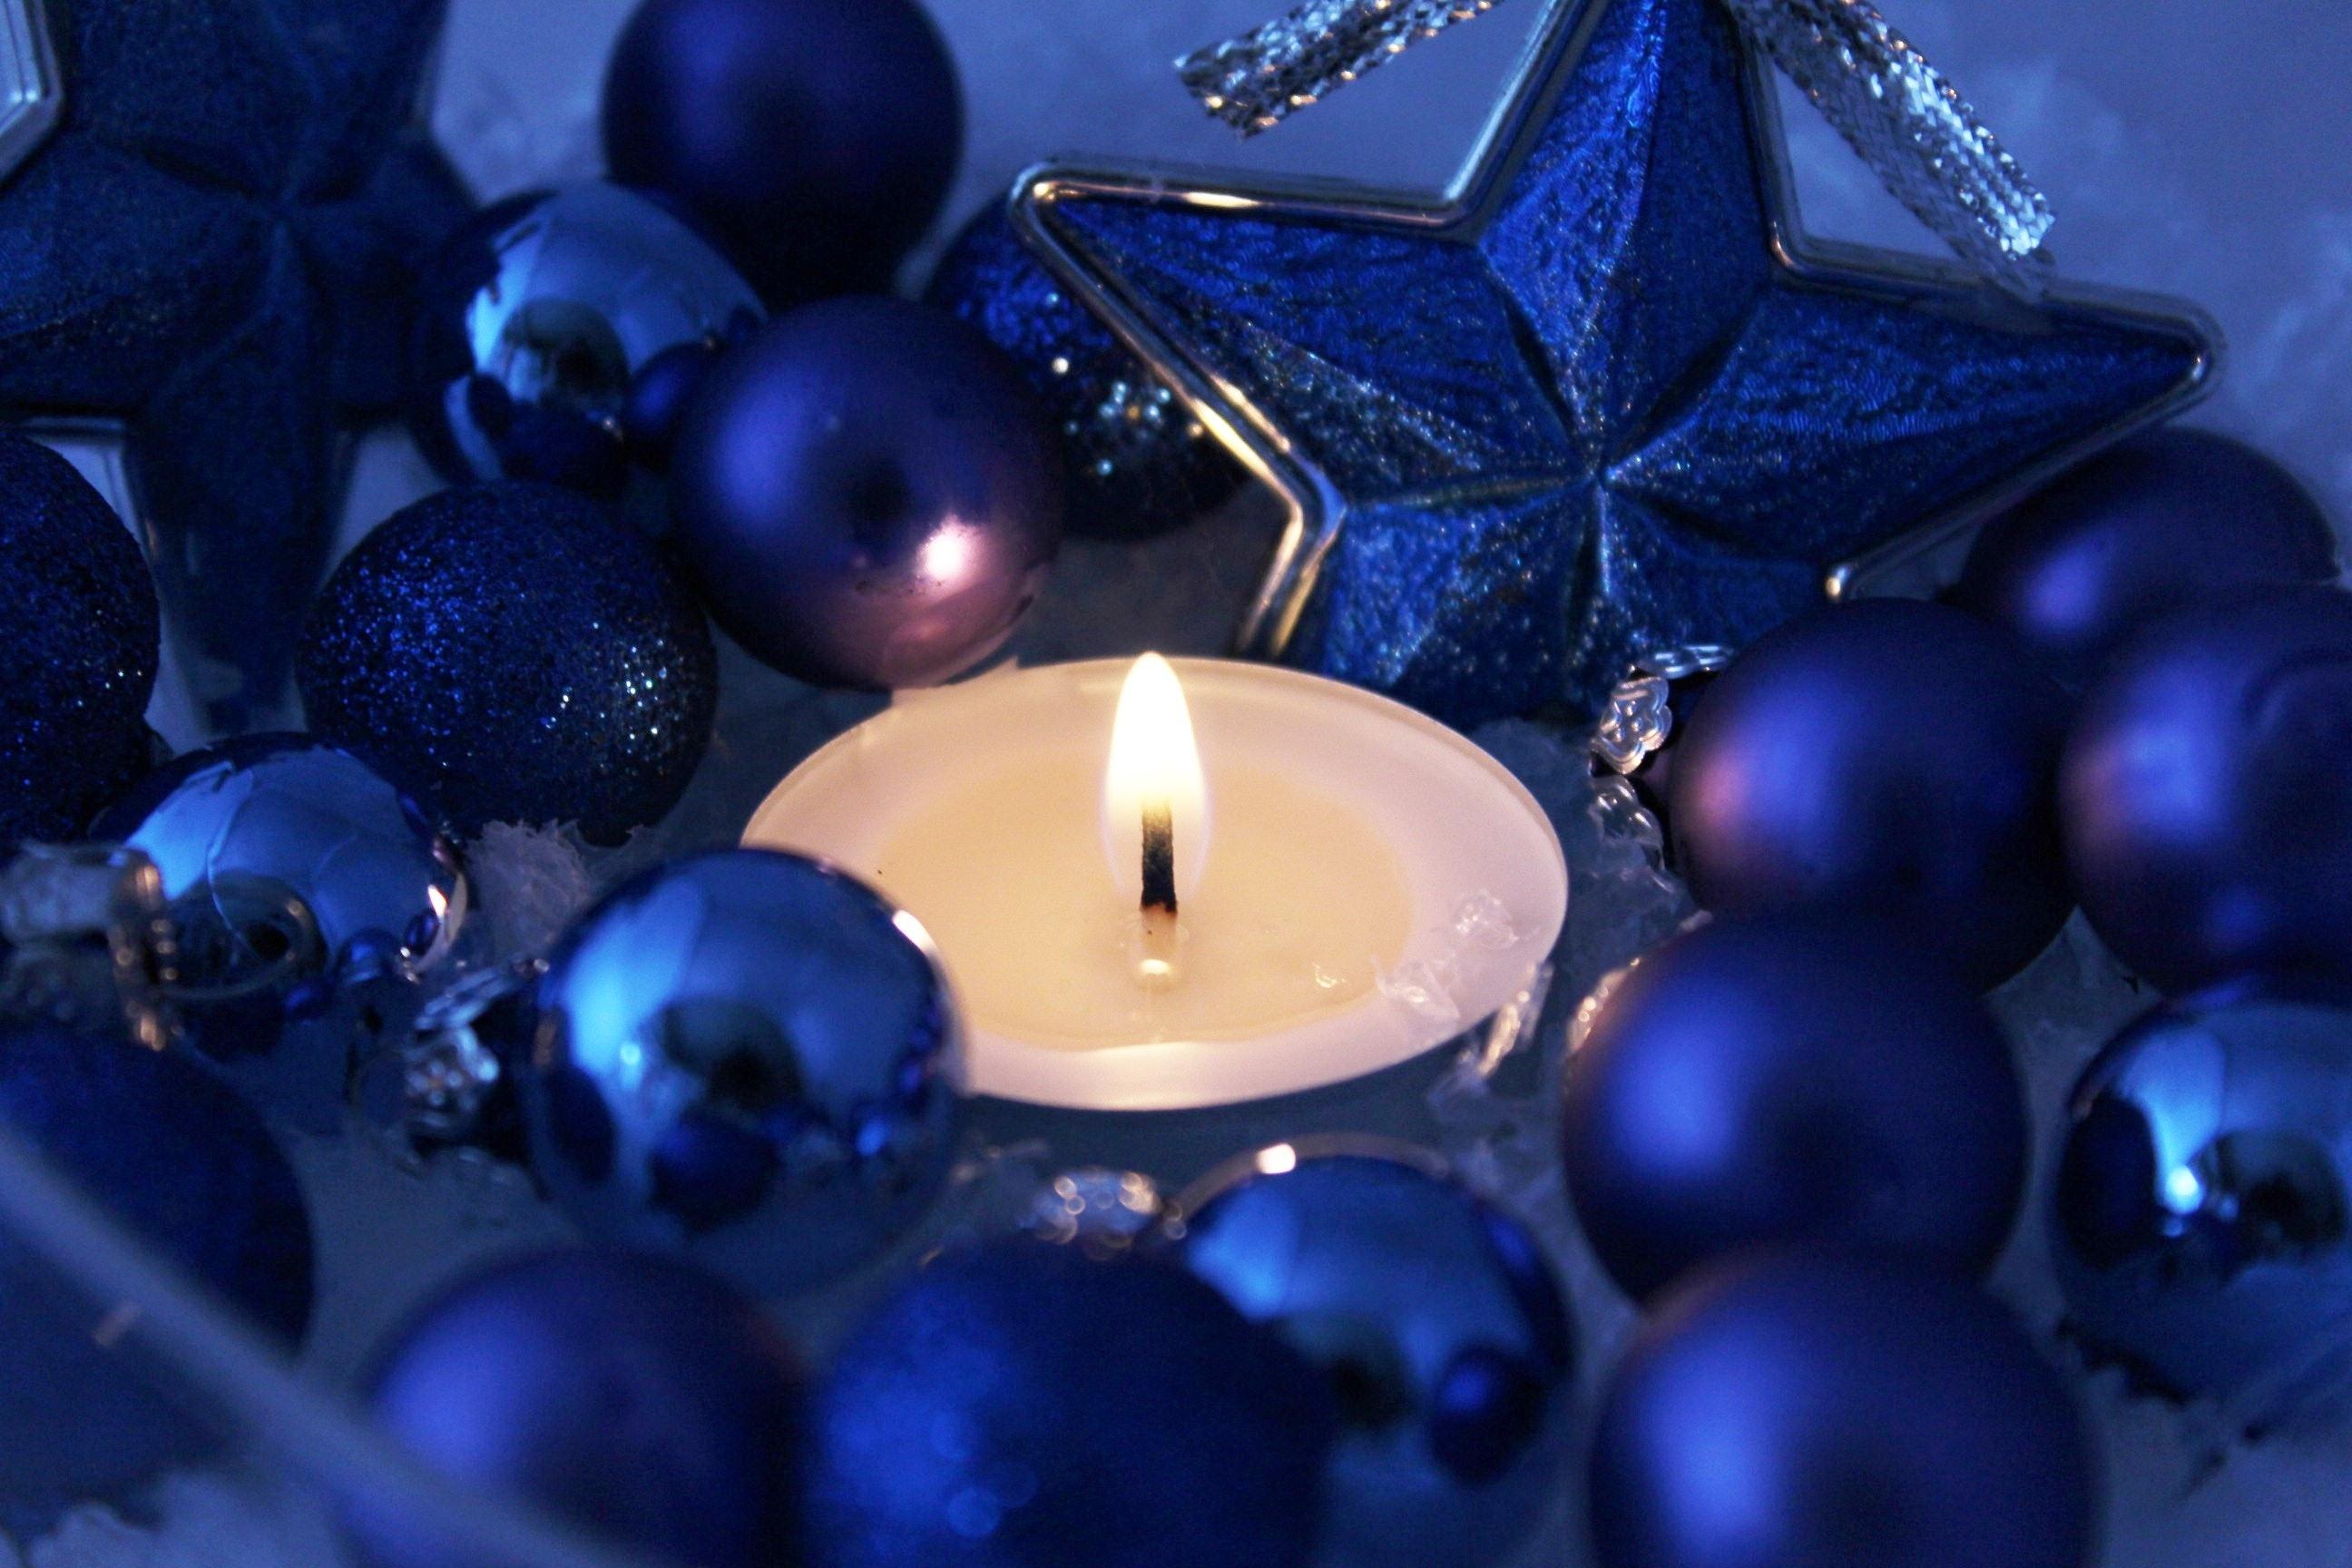 Kostenloses foto zum thema advent dekoration hintergrund - Dekoration advent ...